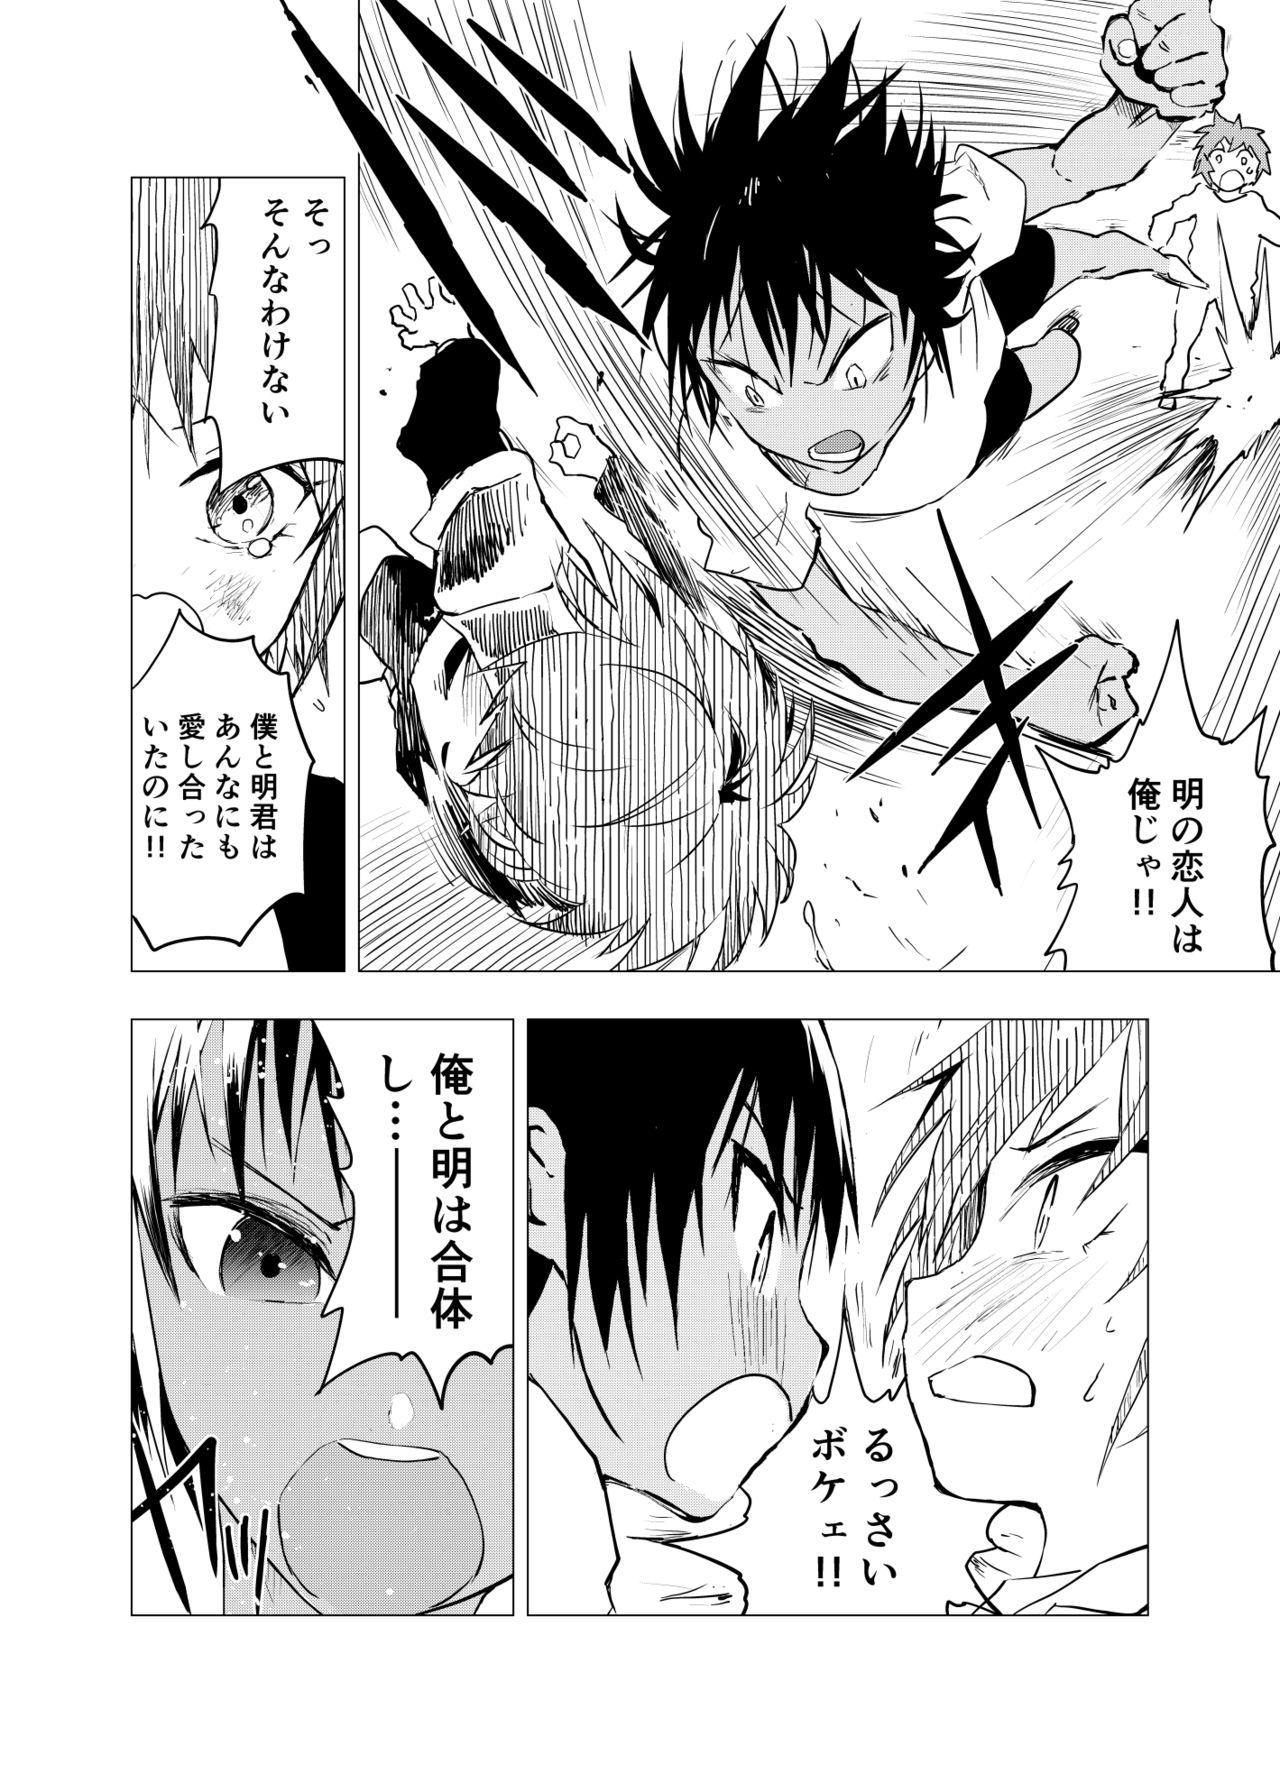 Inaka no Uke Shounen to Tokai no Seme Shounen no Ero Manga 1-6 97